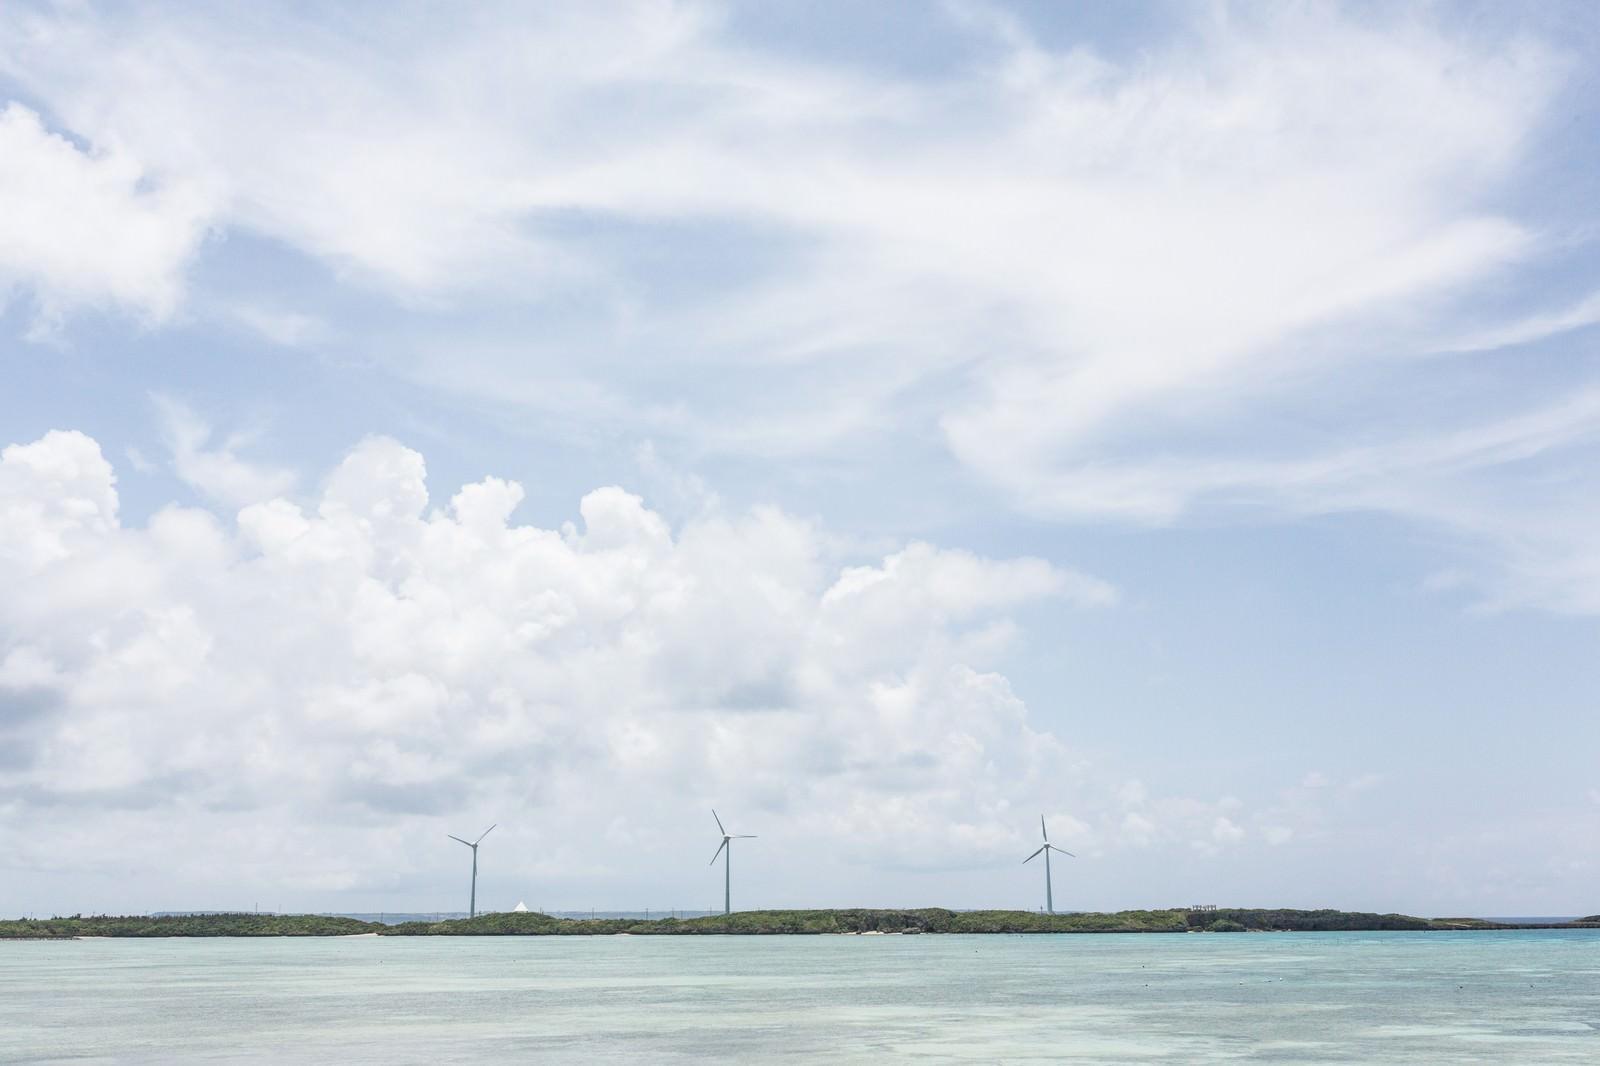 「透き通る海と風力発電透き通る海と風力発電」のフリー写真素材を拡大